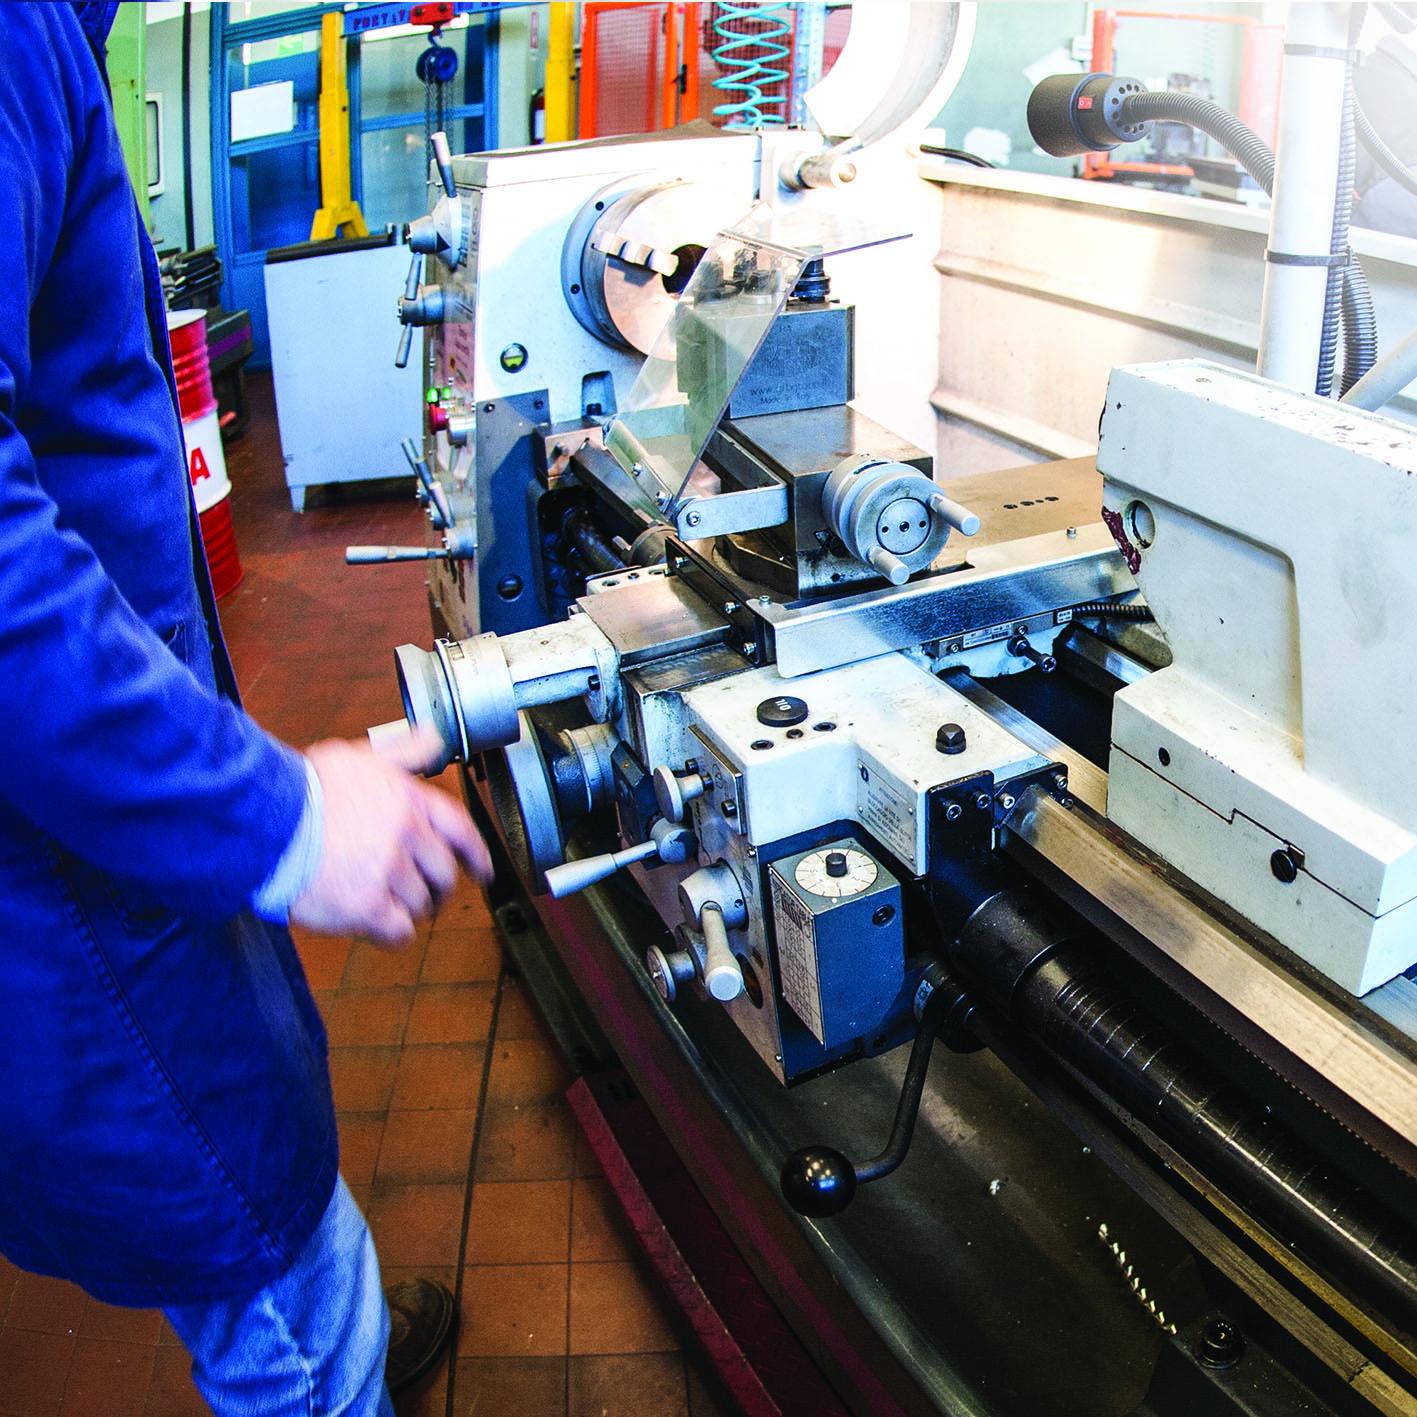 Operatore meccanico – Lavorazioni meccaniche per asportazione e deformazione